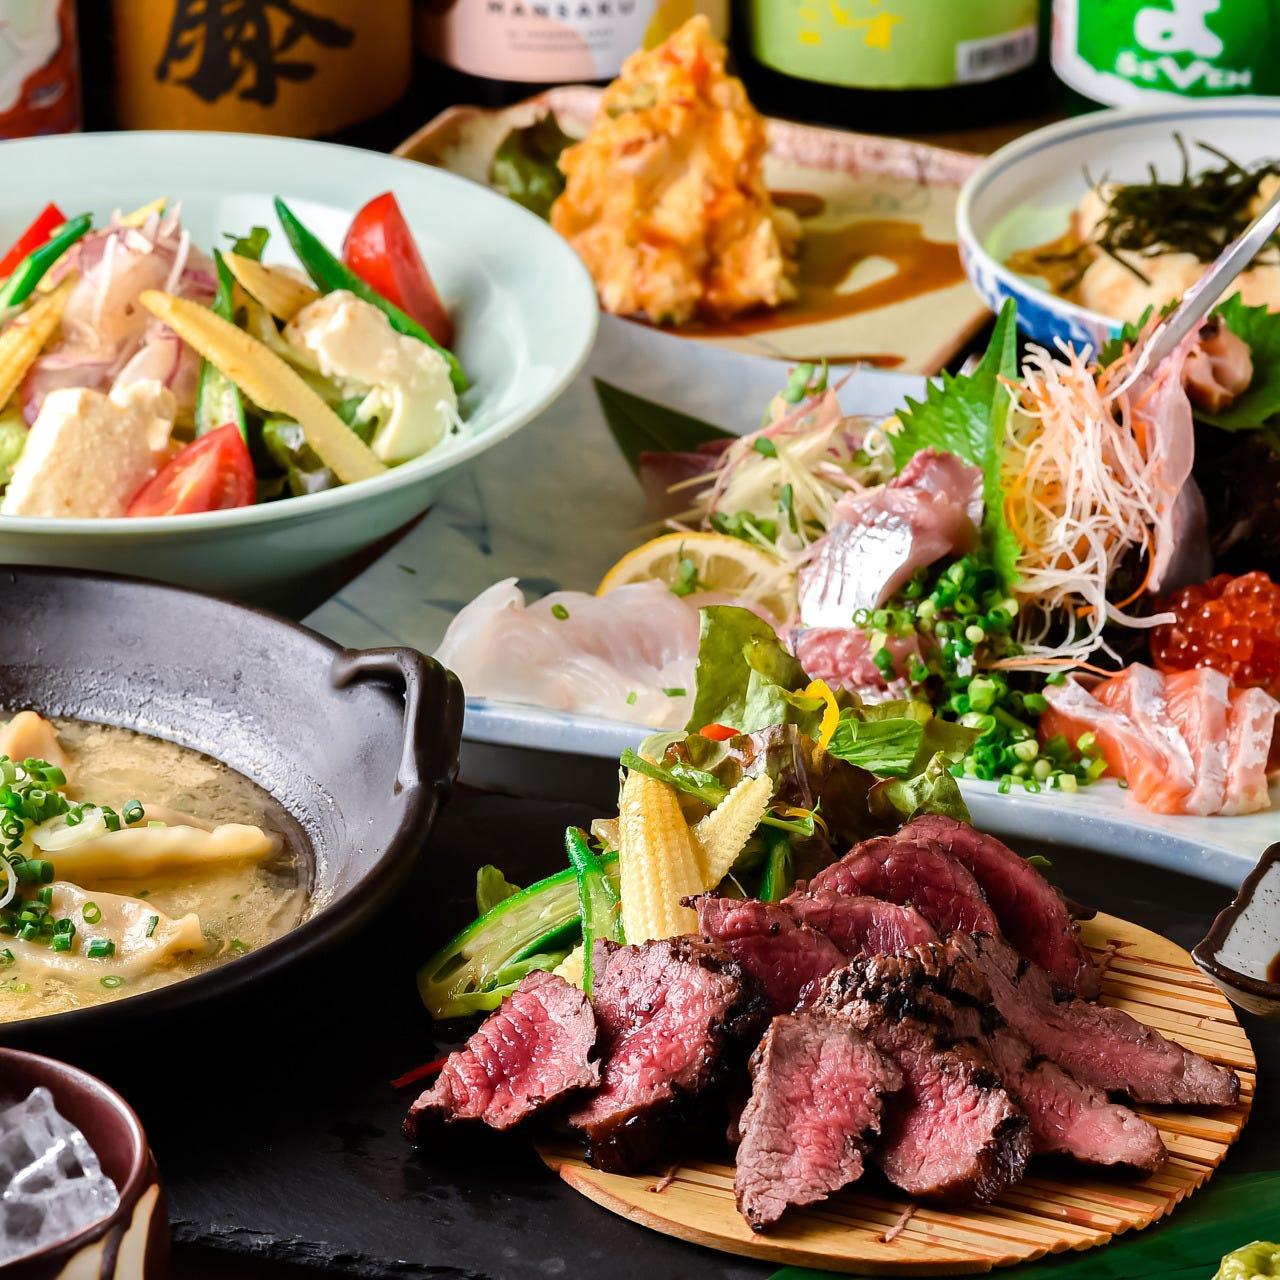 【今夜は贅沢に!】豪華鮮魚8種盛りや和牛!贅沢2時間飲放コース5000円!もちろんポテサラ食べ放題!